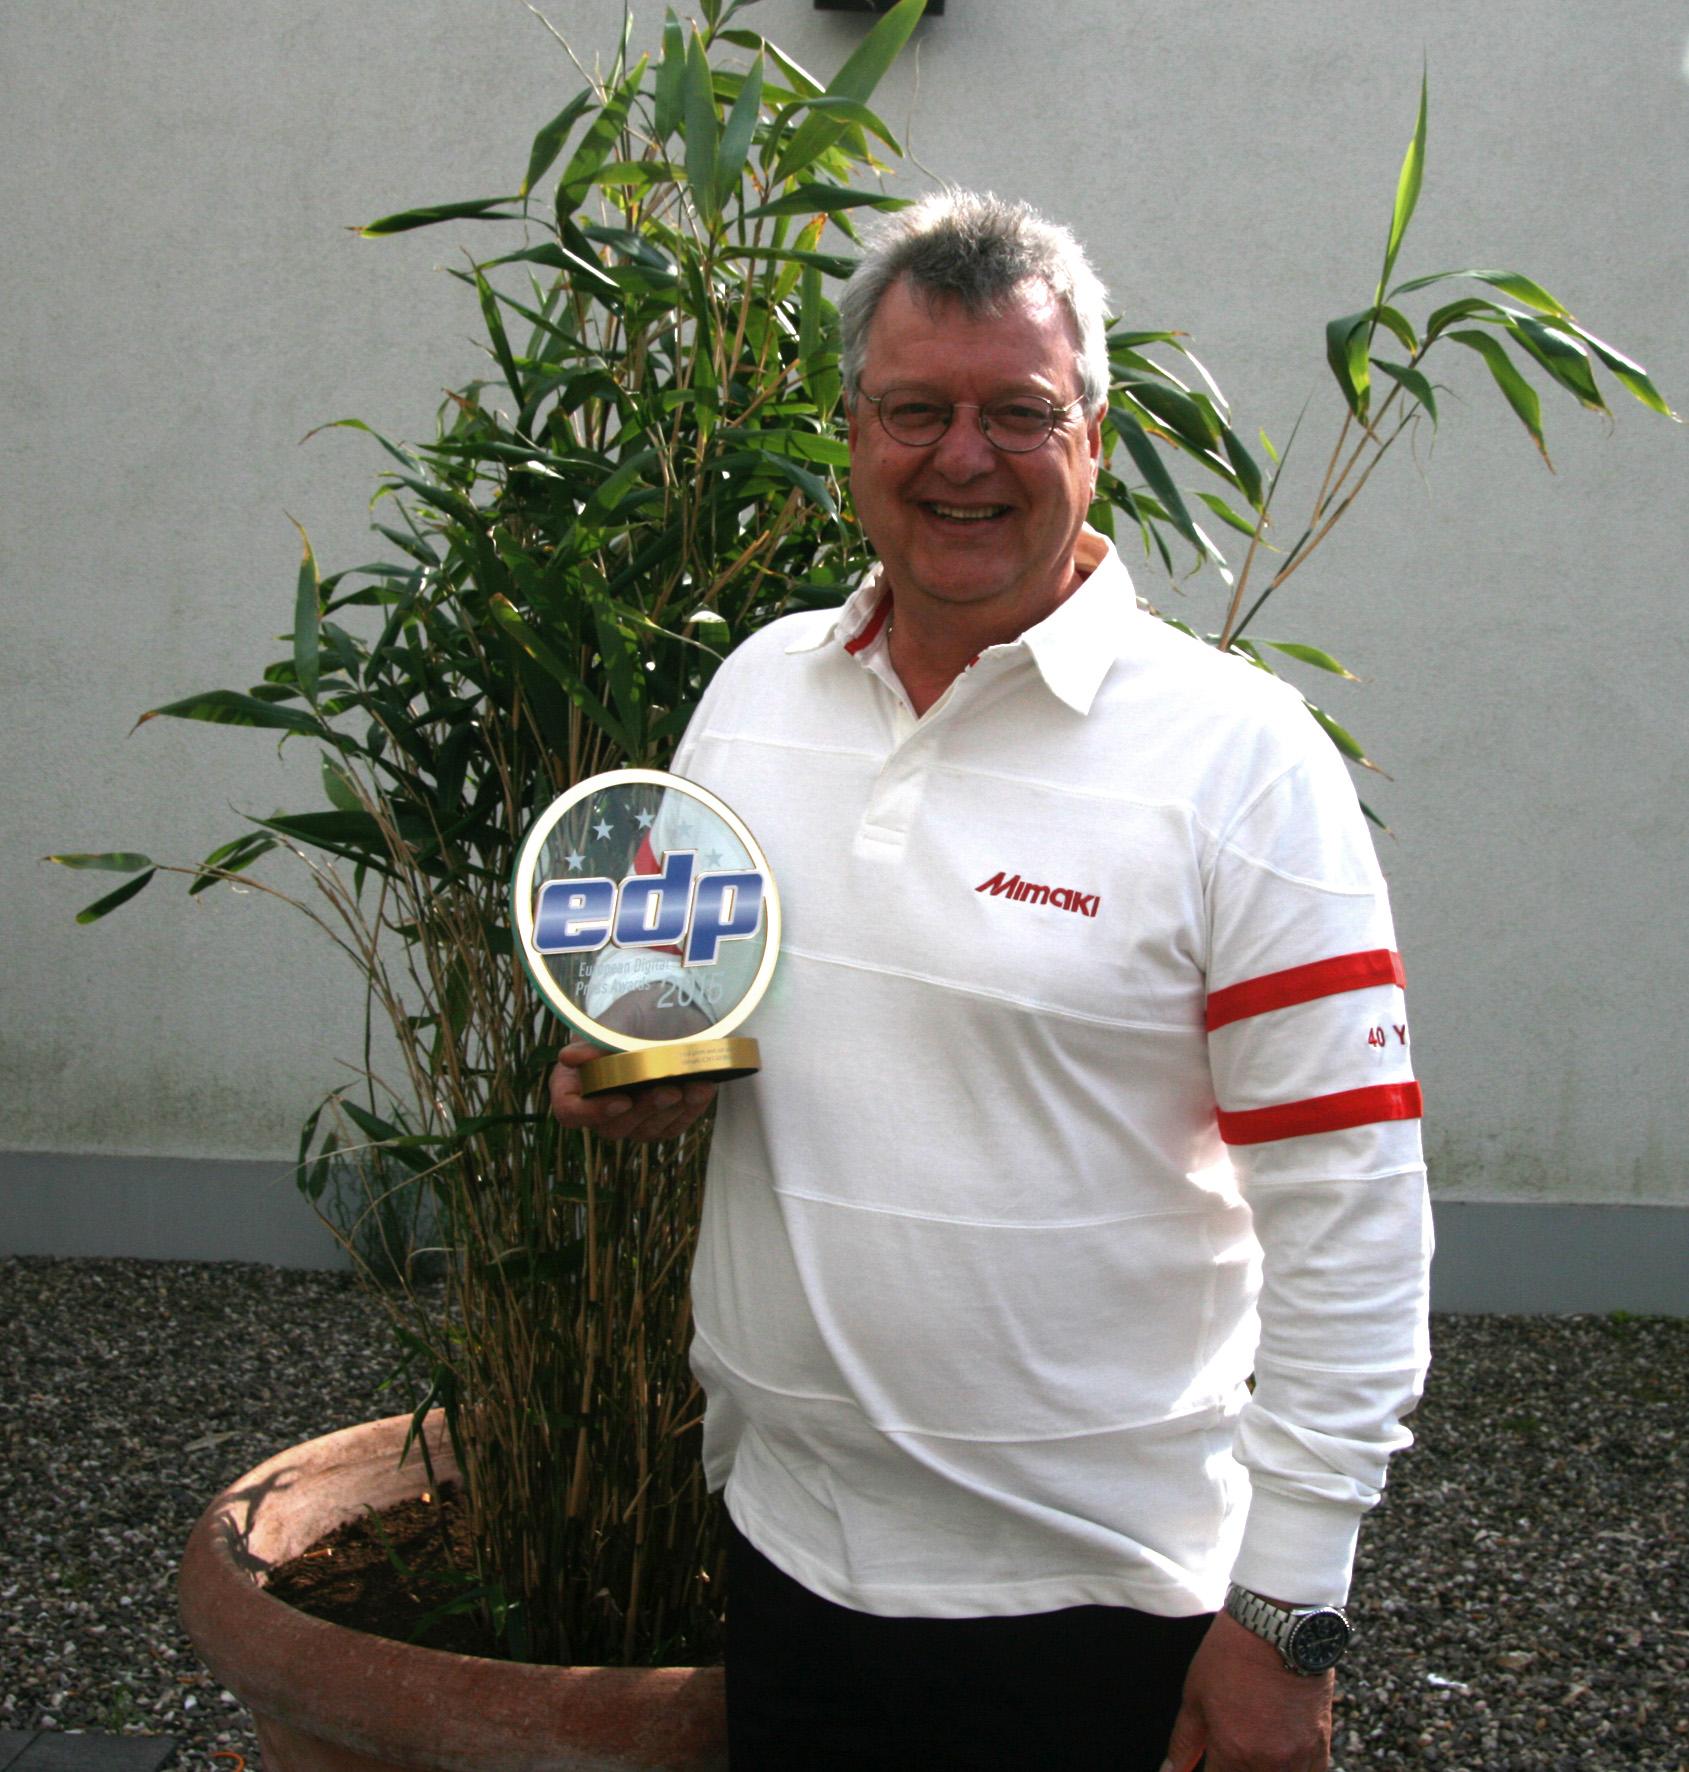 Mimaki CJV150 Series с награда за най-добро решение за печат и рязане